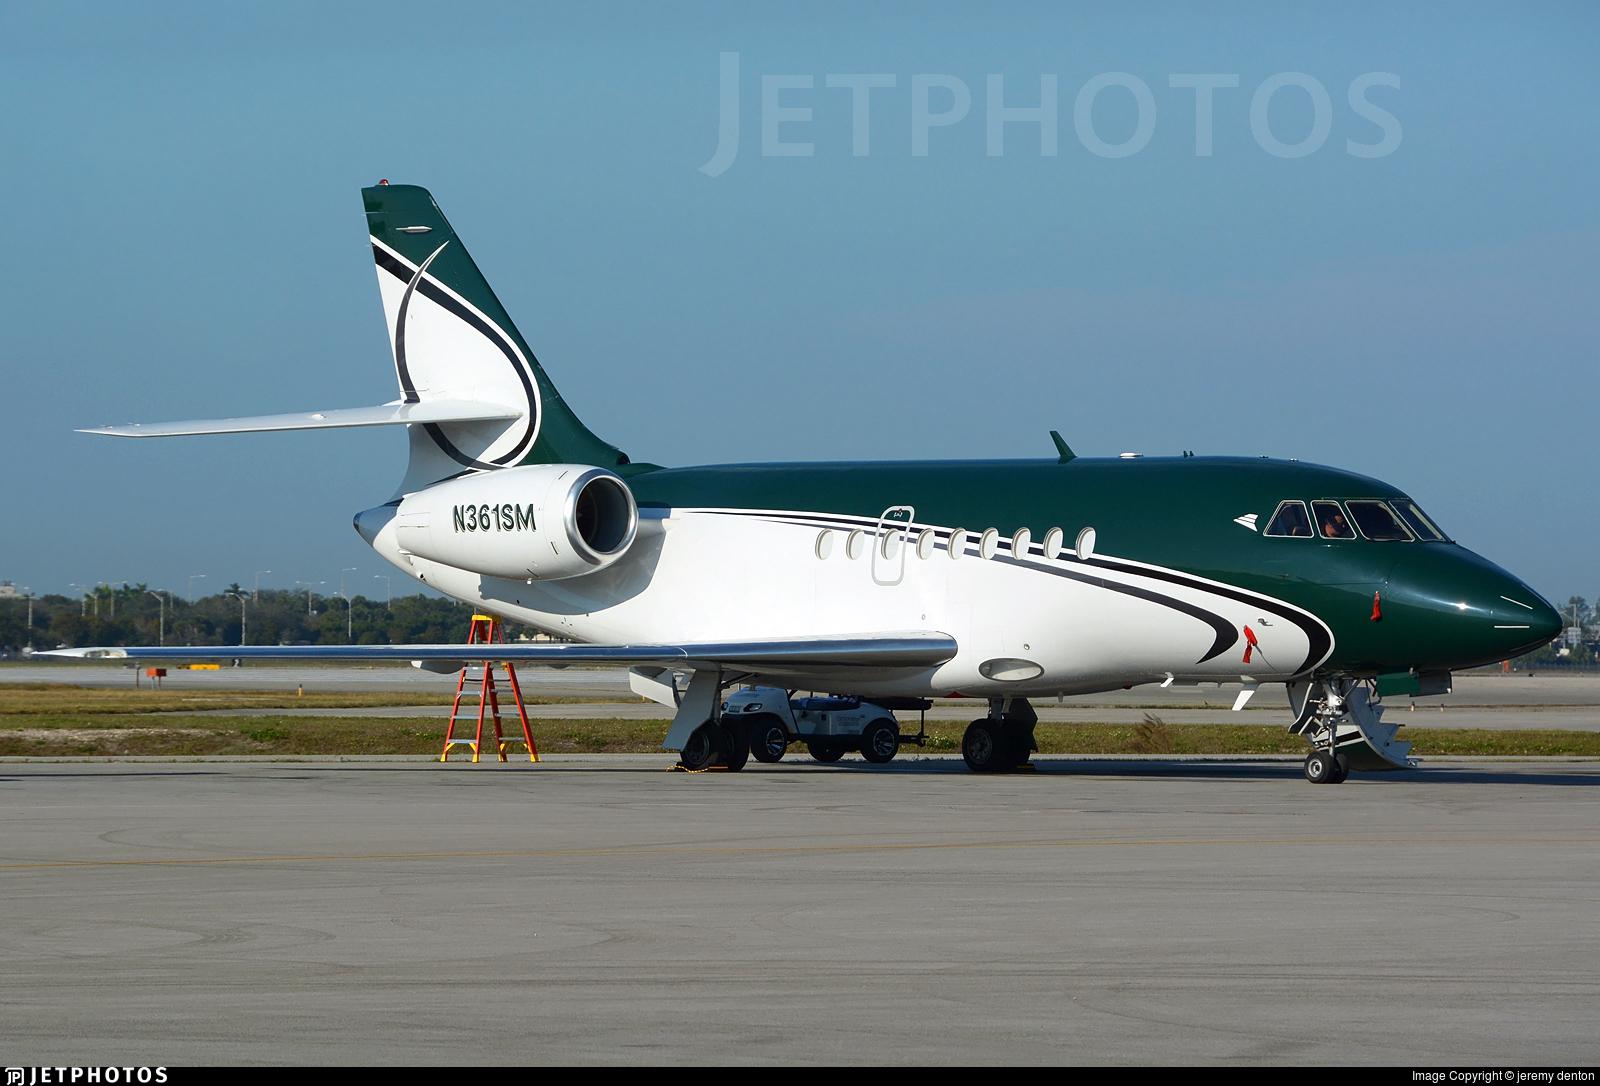 N361SM - Dassault Falcon 2000 - Private